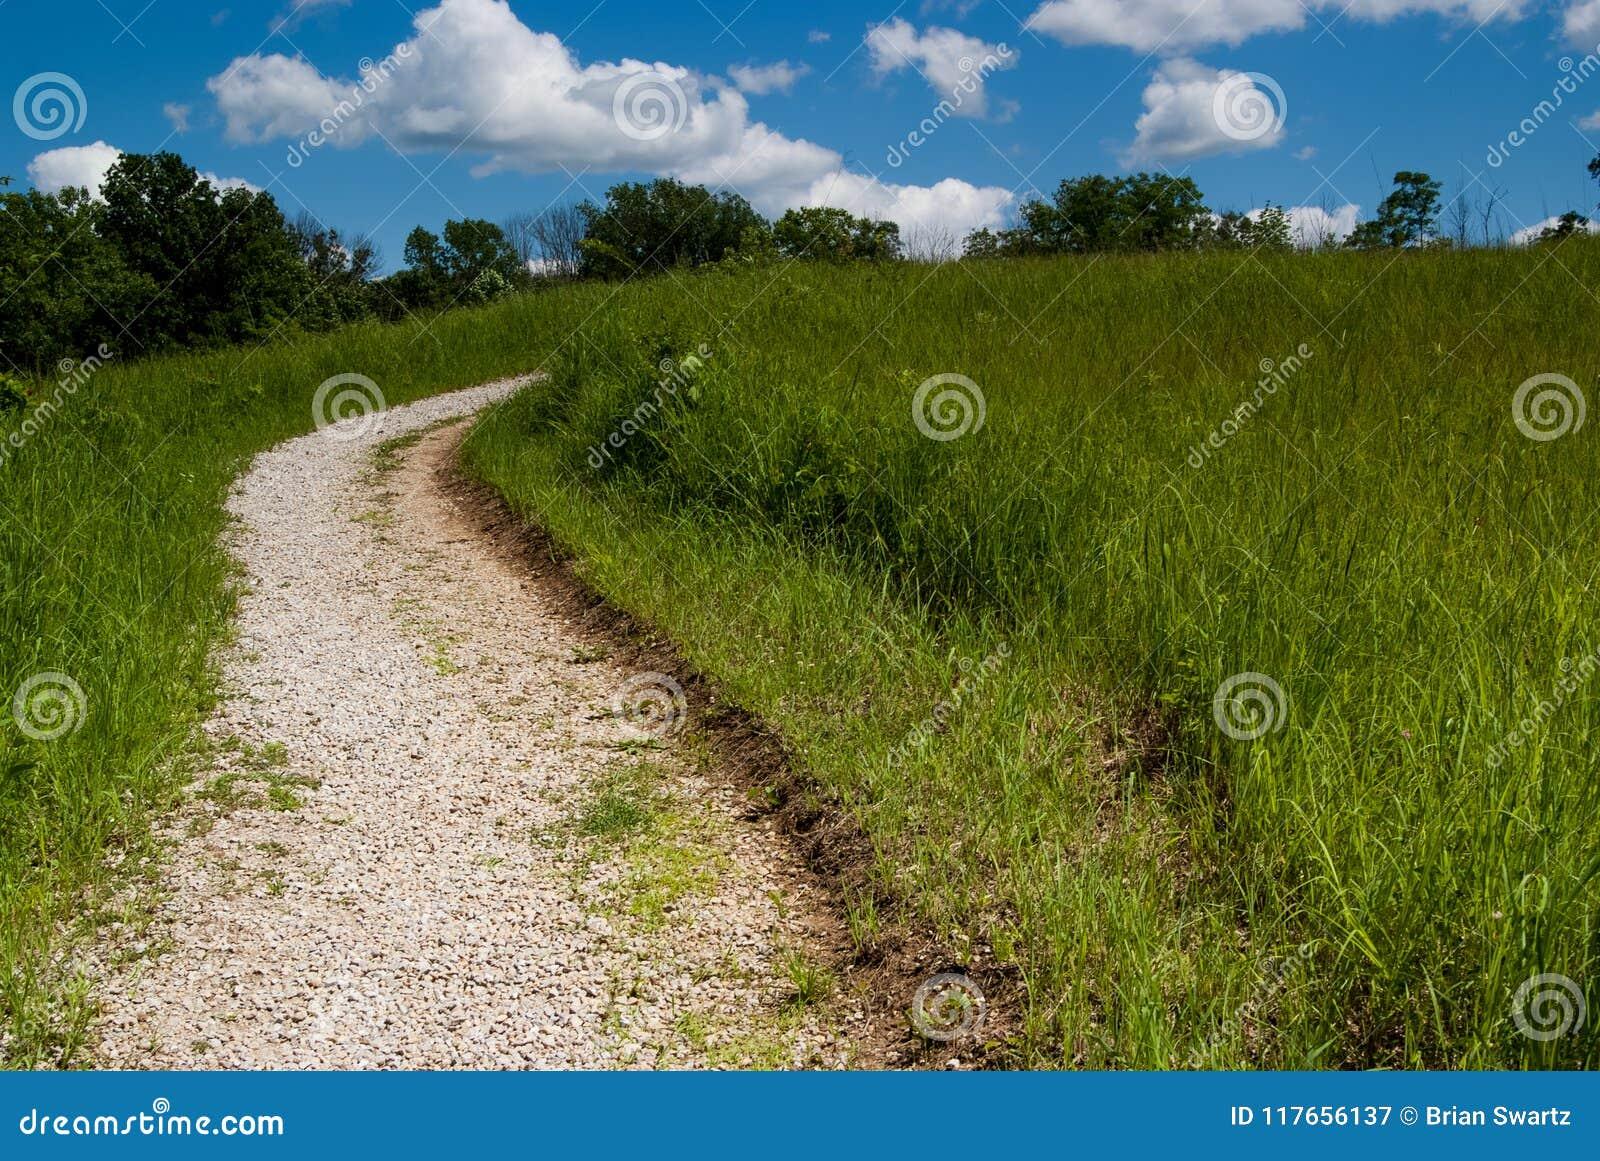 Siga o trajeto 2971